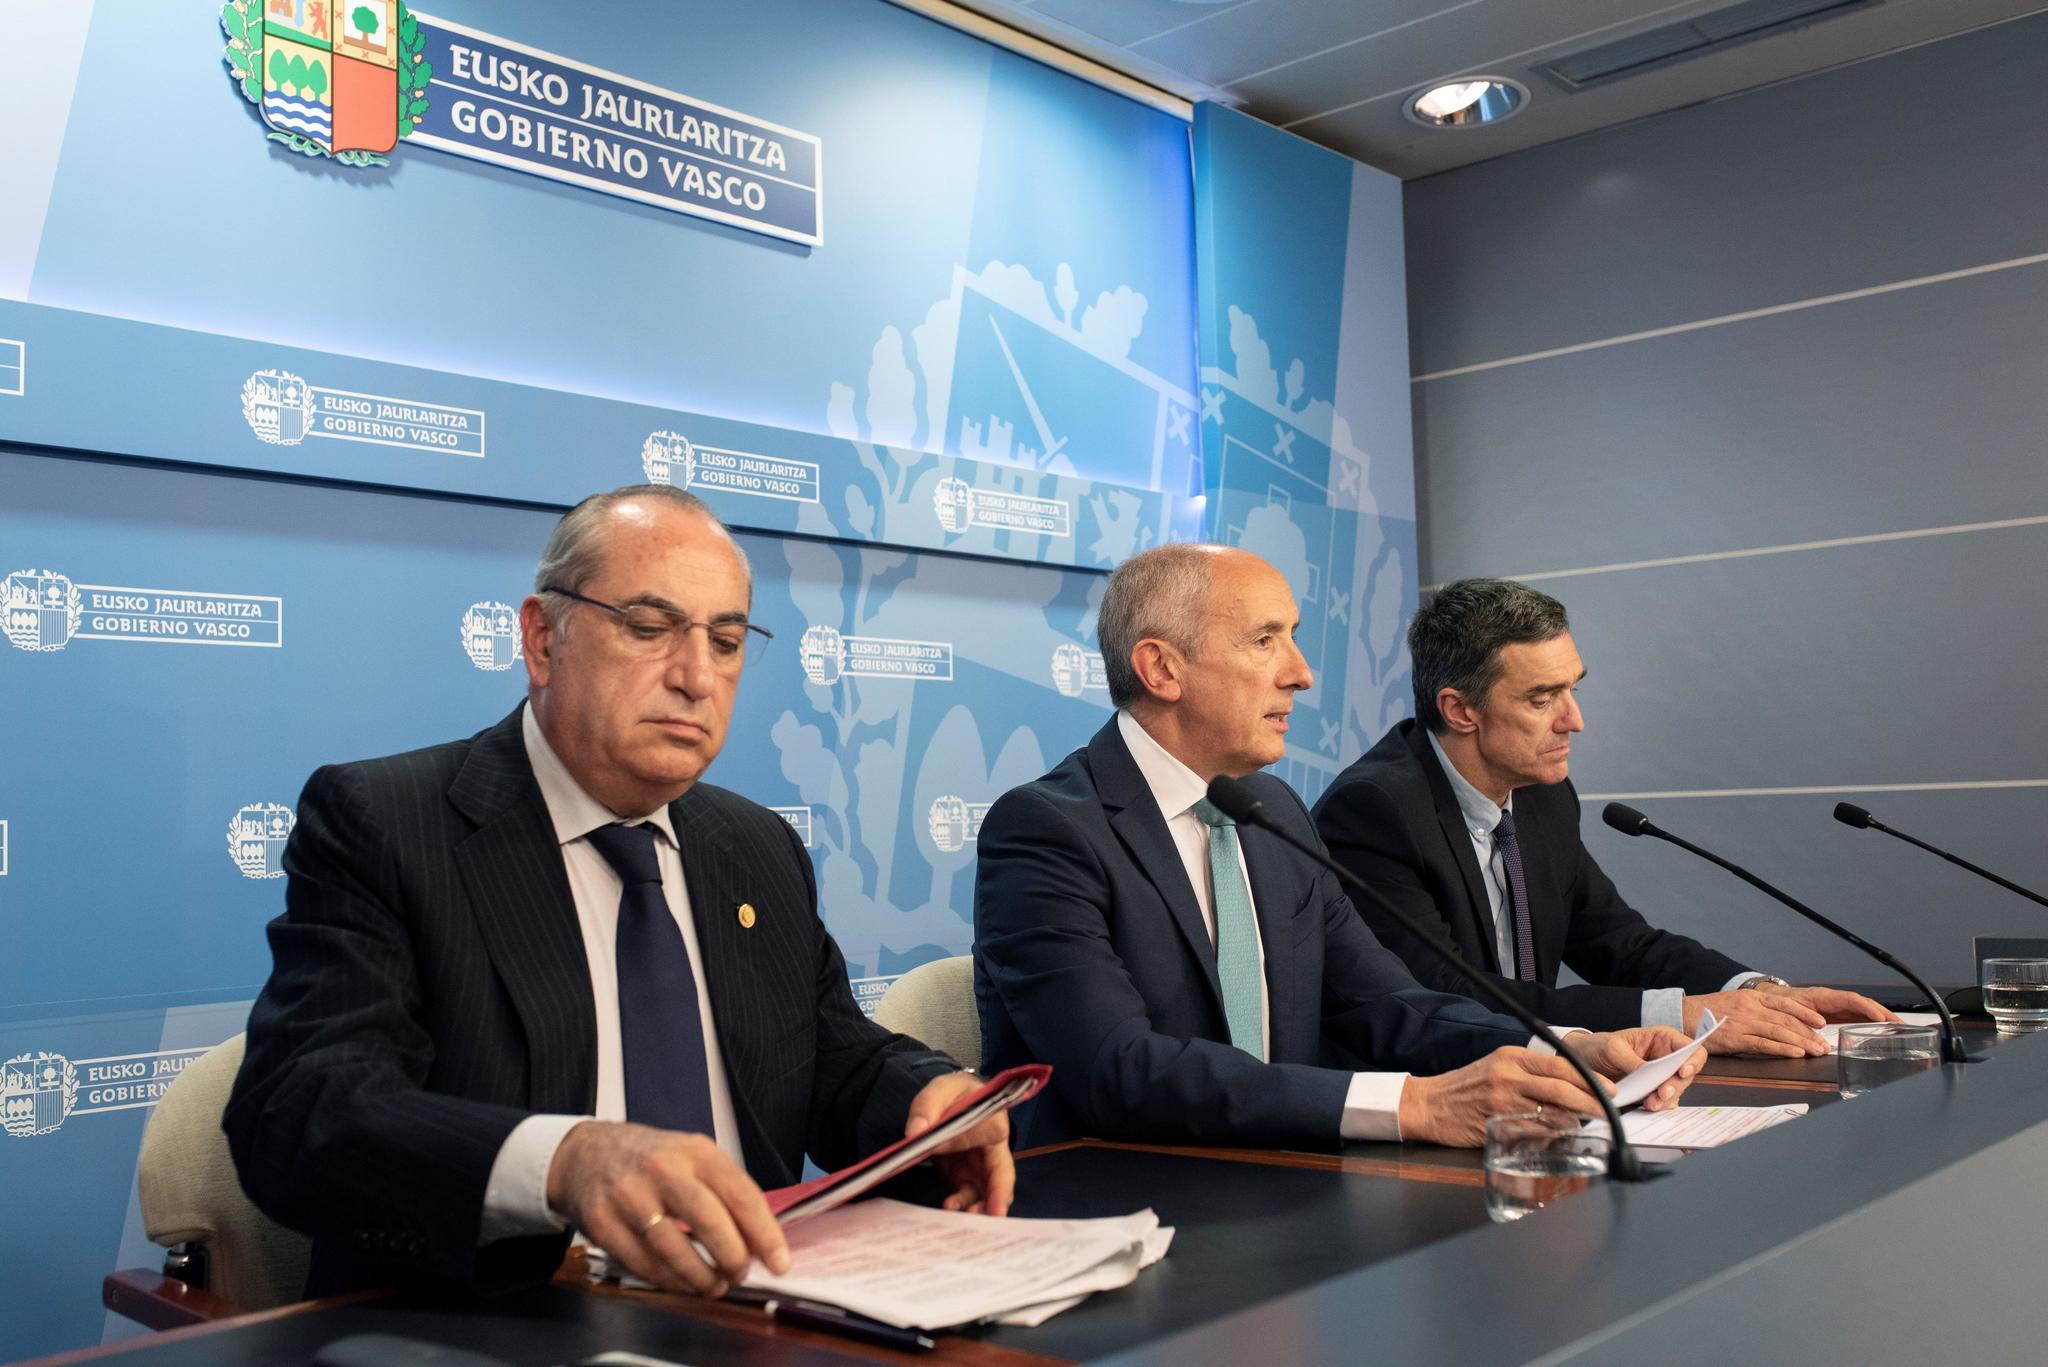 El consejero de Vivienda, Iñaki Arriola, con Erkoreka y Fernández, tras el Consejo de Gobierno.